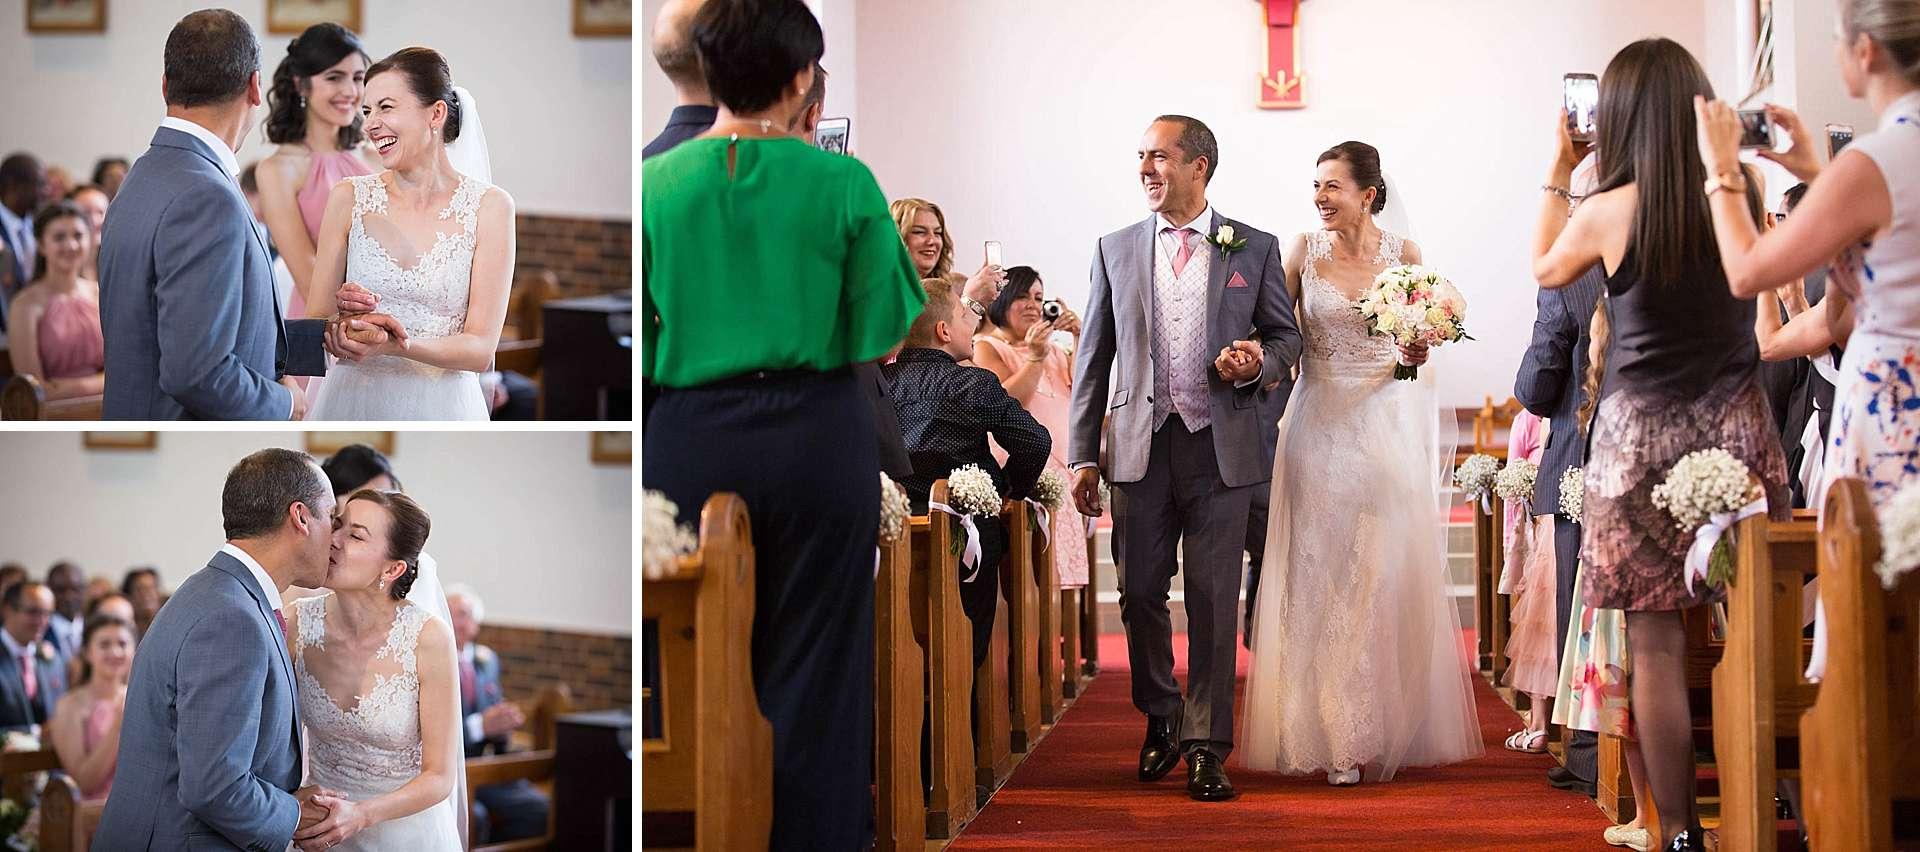 Morden wedding photographer